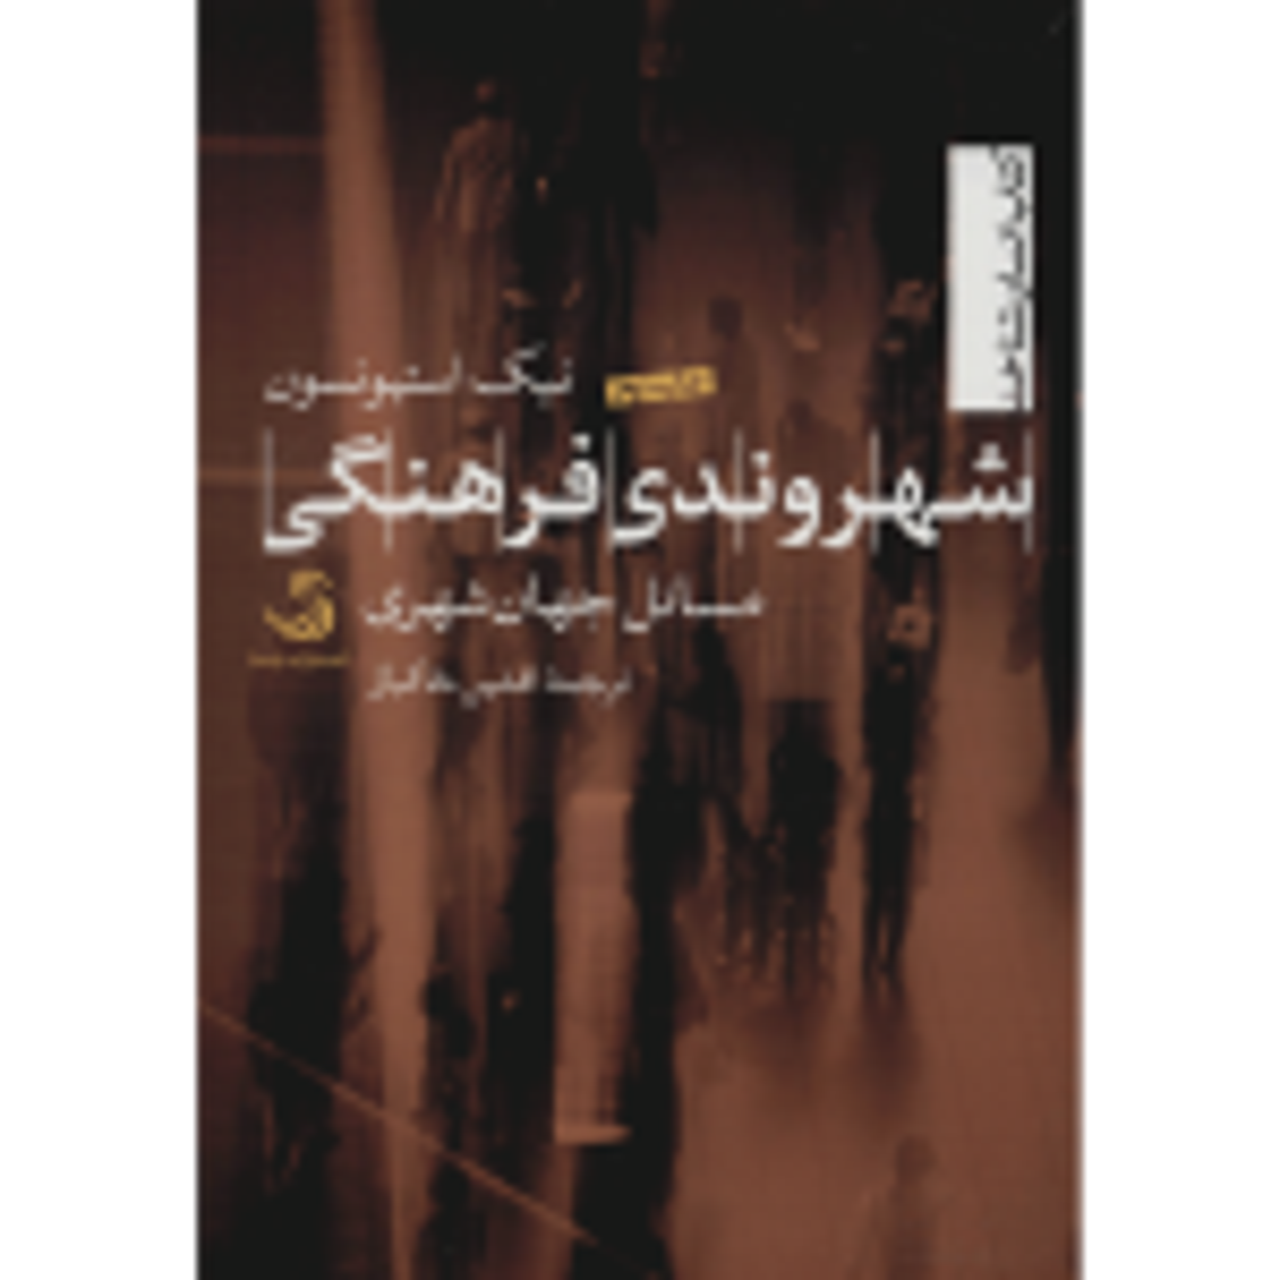 کتاب شهروندی فرهنگی مسائل جهان شهری اثر نیک استیونسون